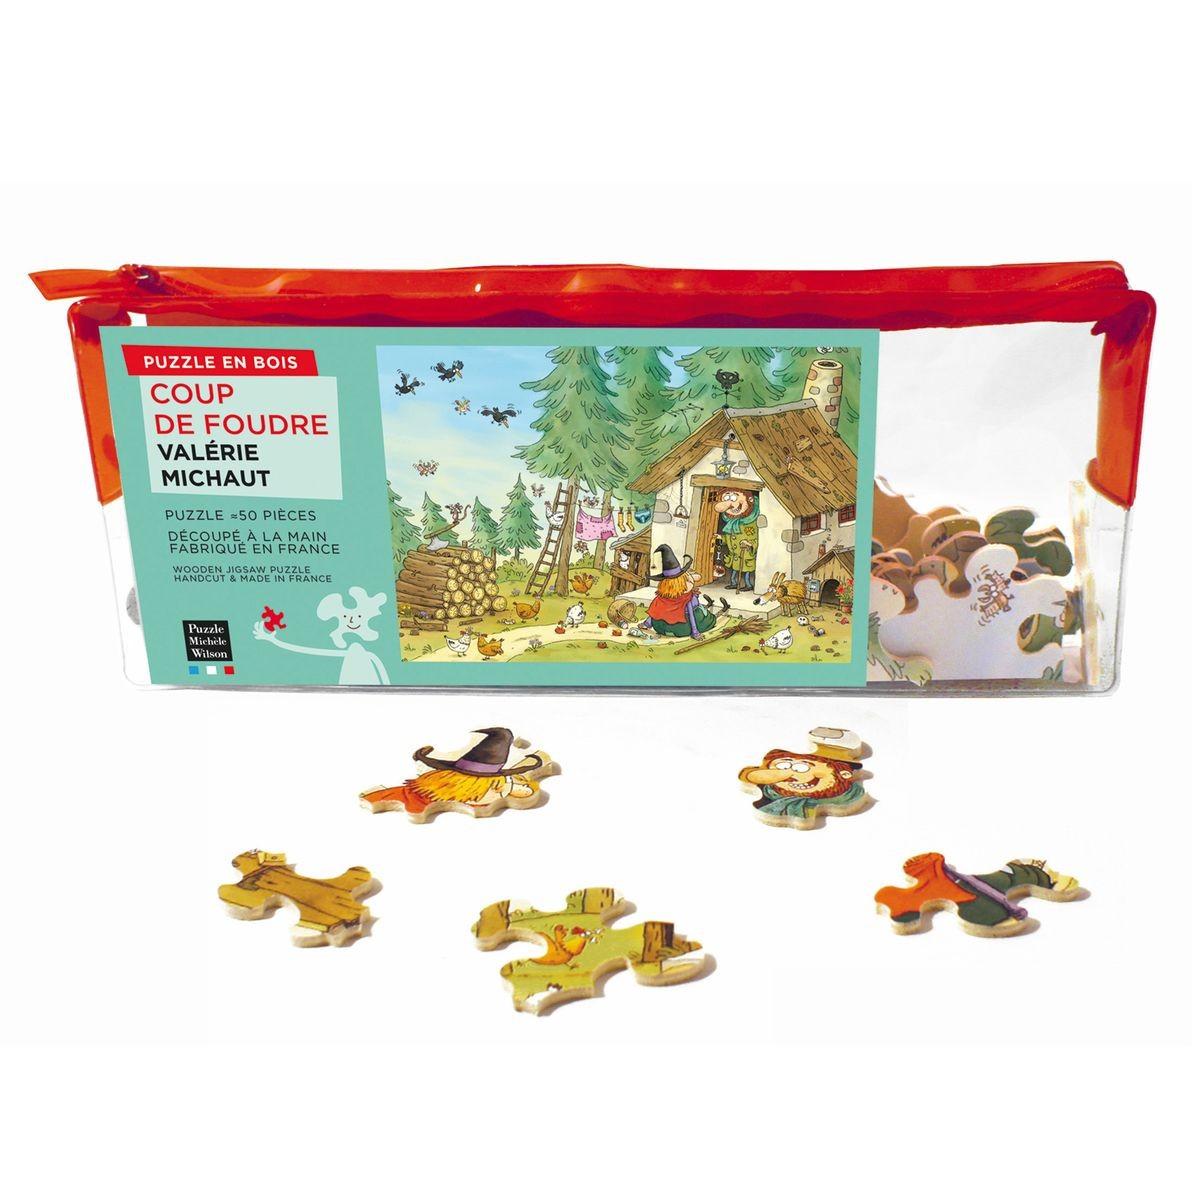 Puzzle D'art En Bois 50 Pièces Michèle Wilson - Michaut intérieur Puzzle En Ligne Enfant